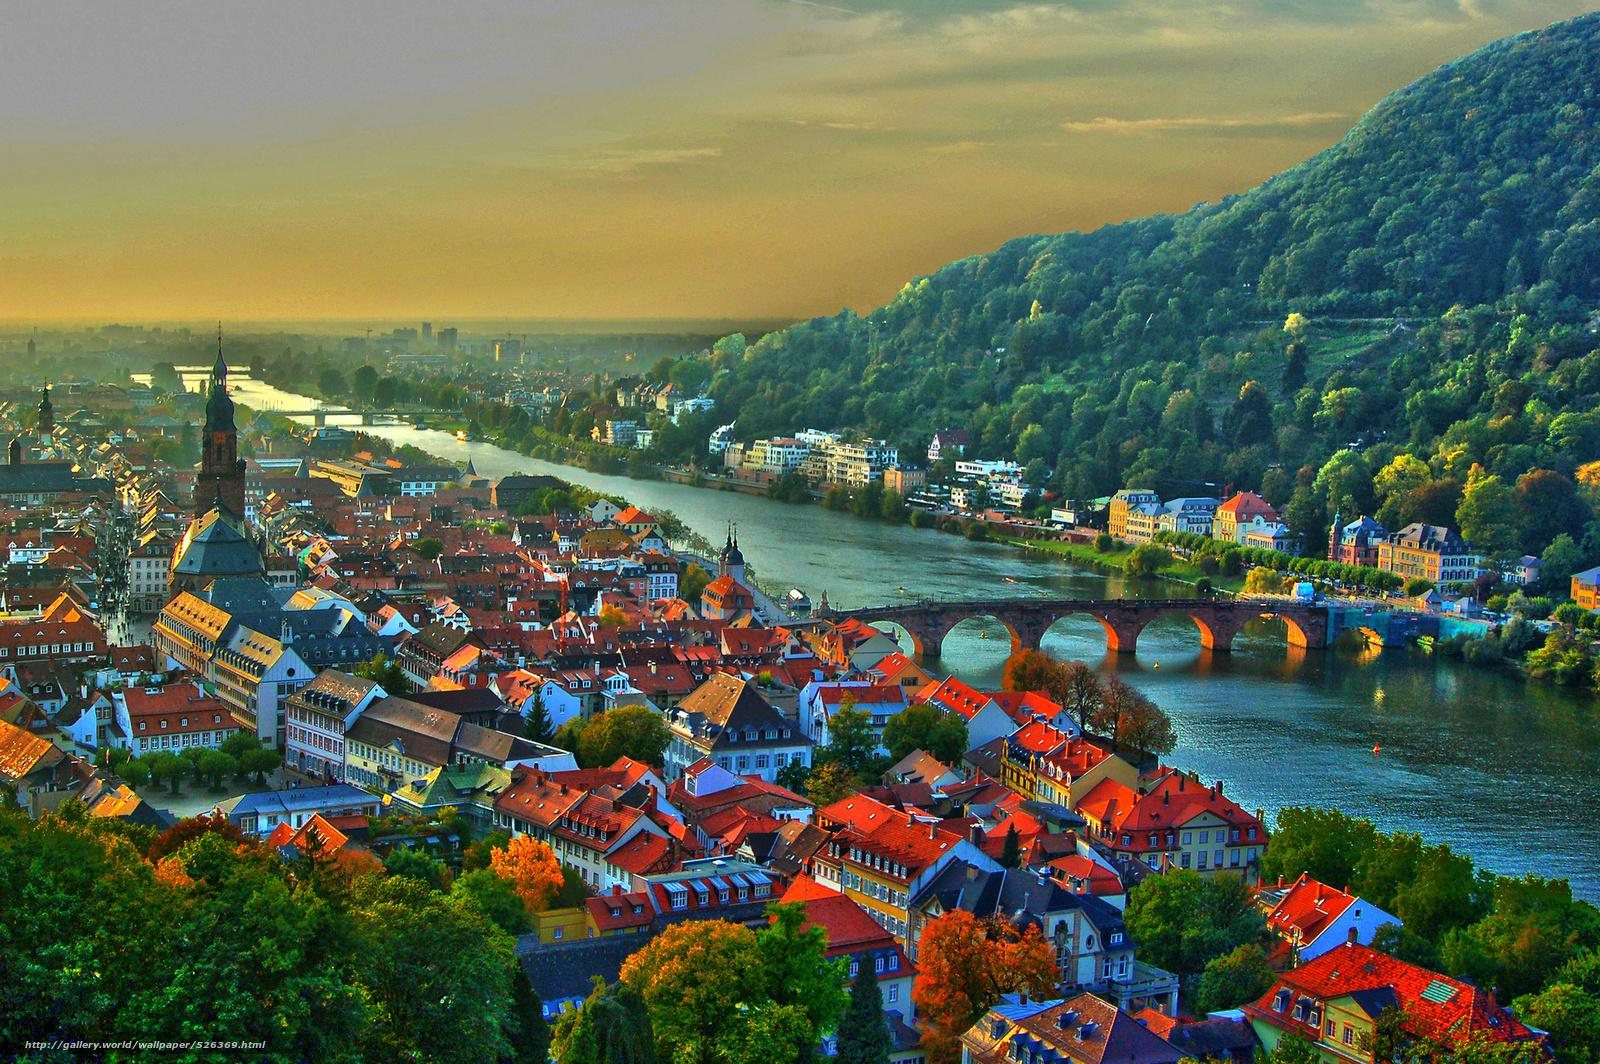 wallpaper heidelberg germany neckar river Heidelberg desktop 1600x1064